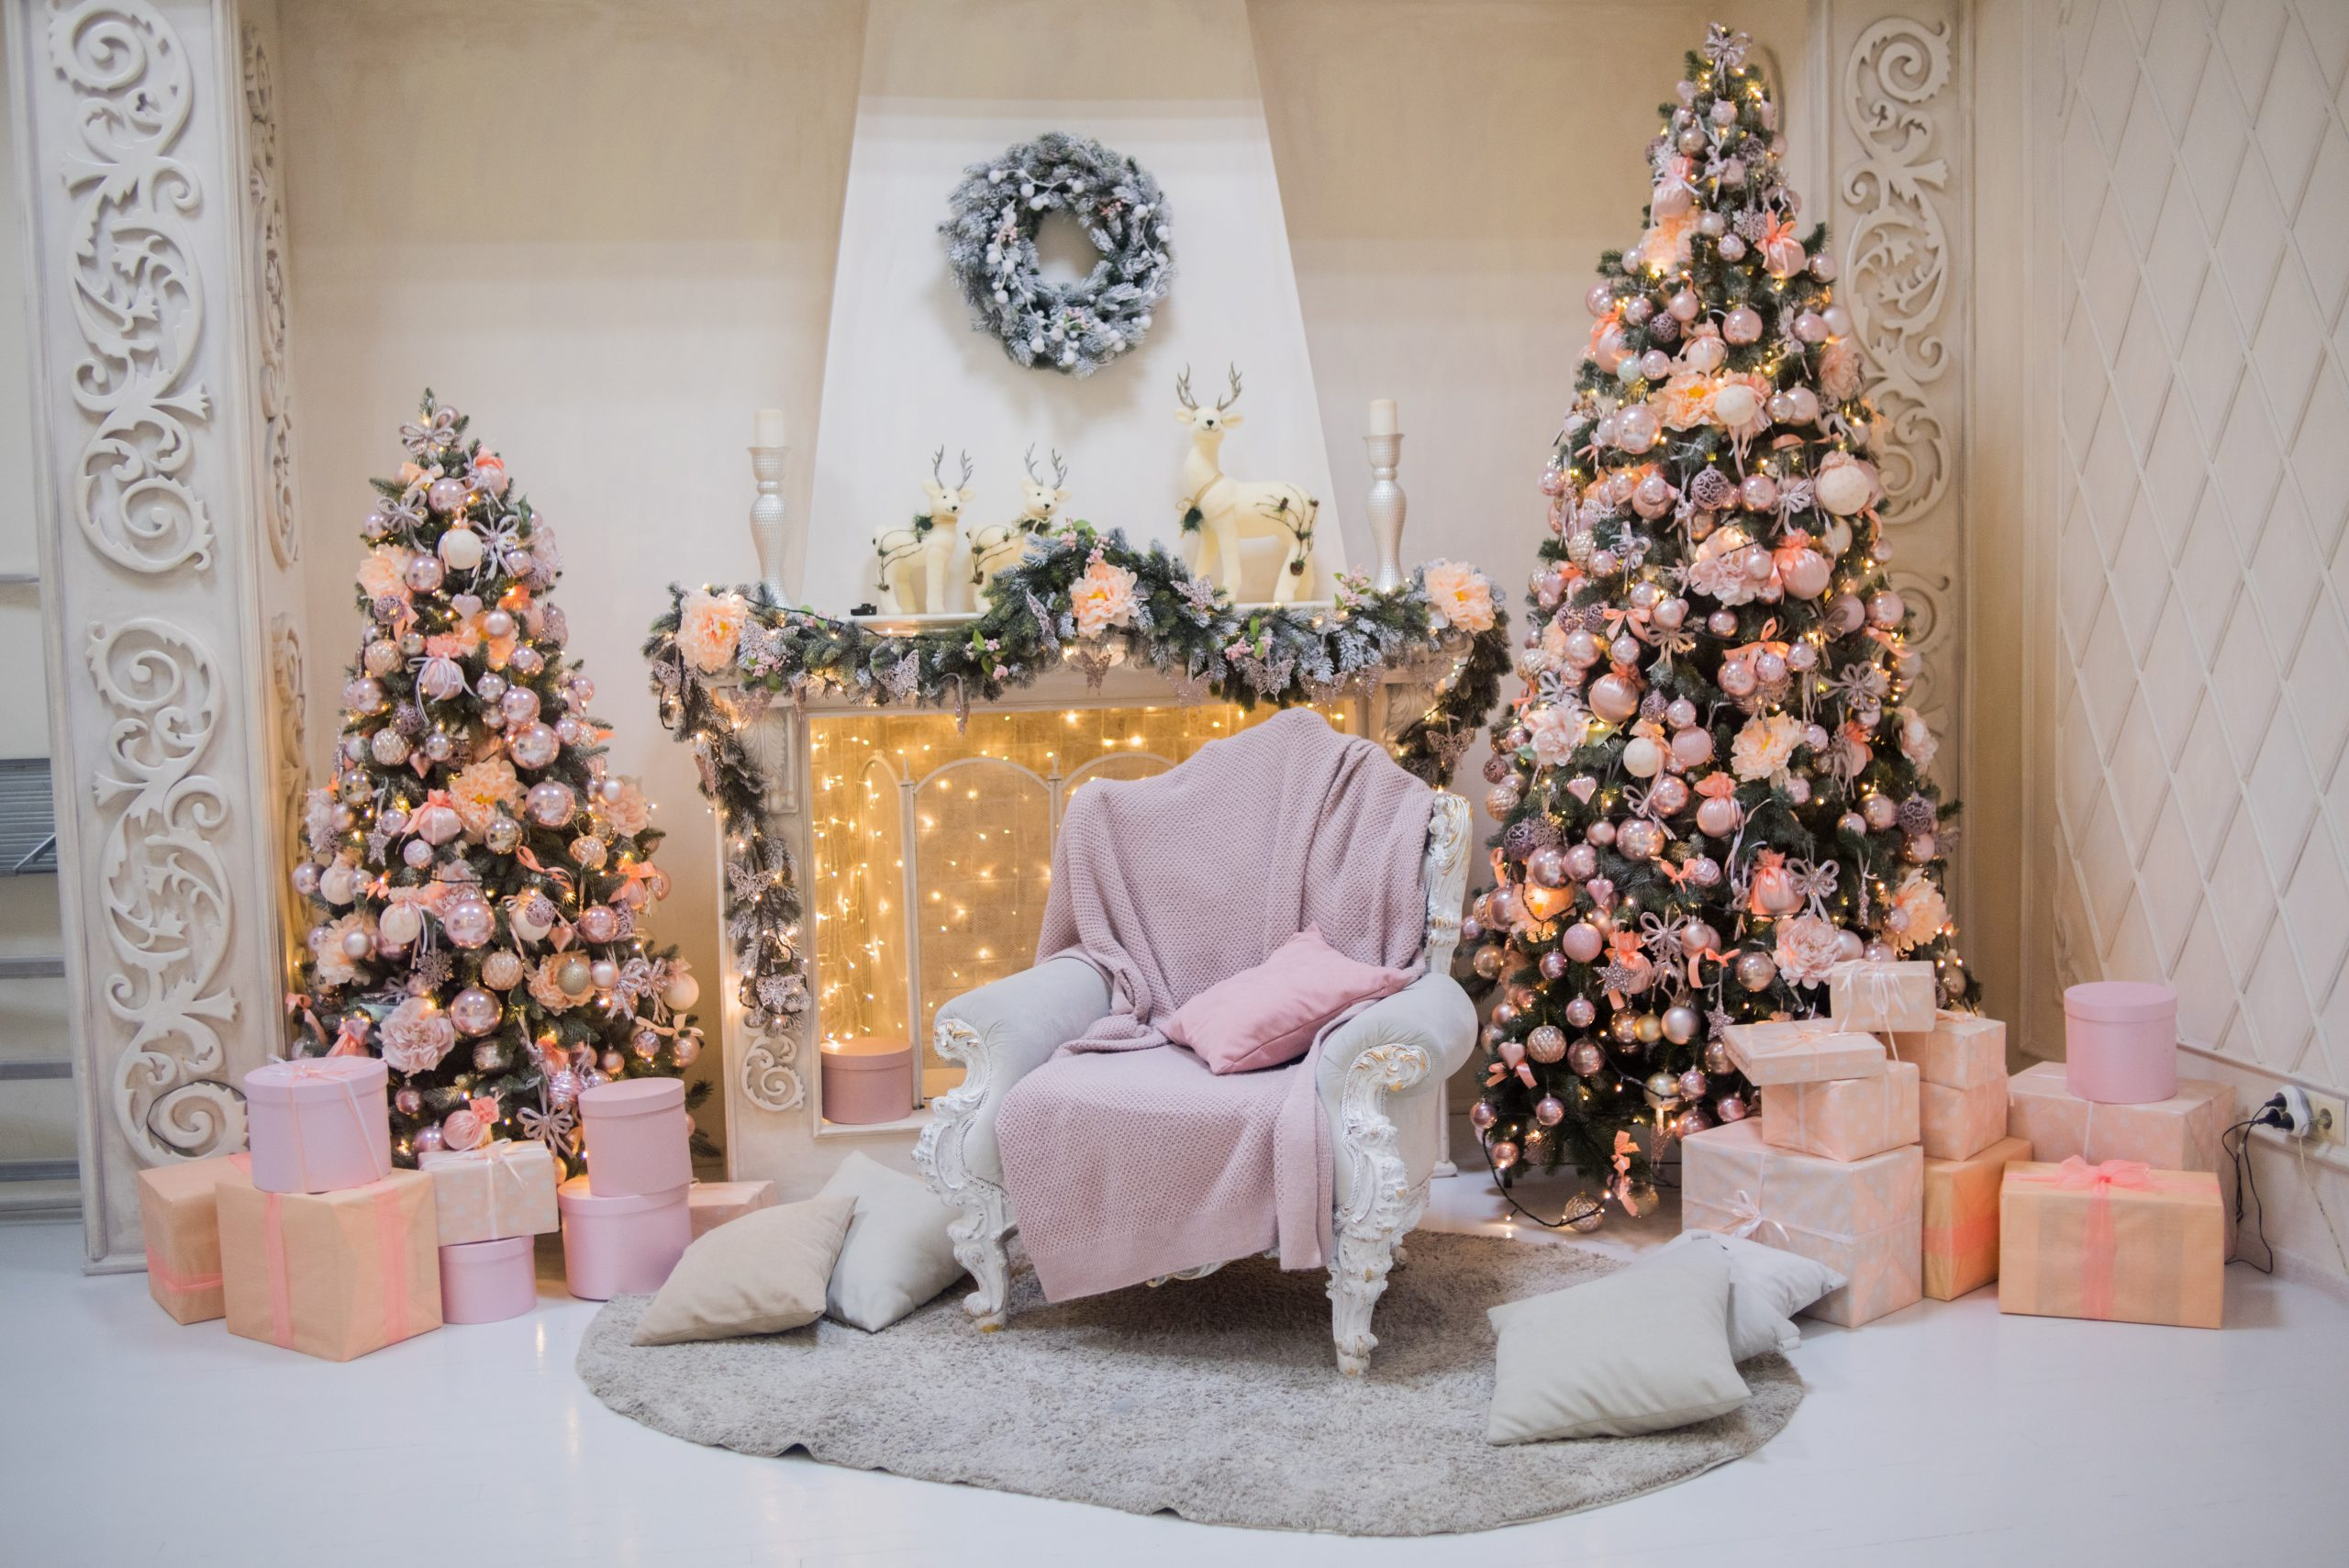 Árboles de Navidad: ¿Cuáles son los mejores del 2020?